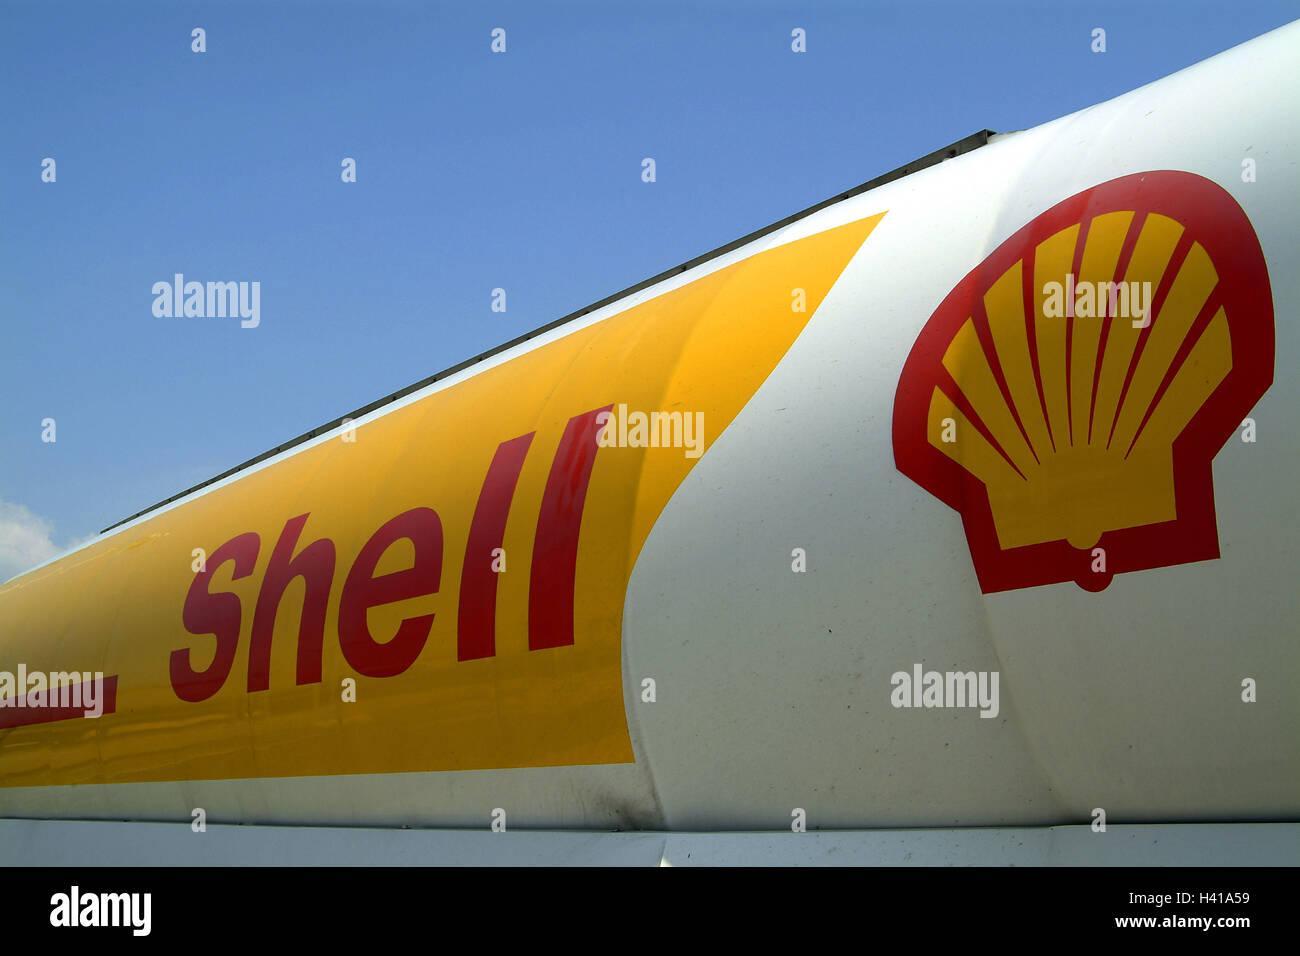 tanker detail shell logo truck tank truck tank oil